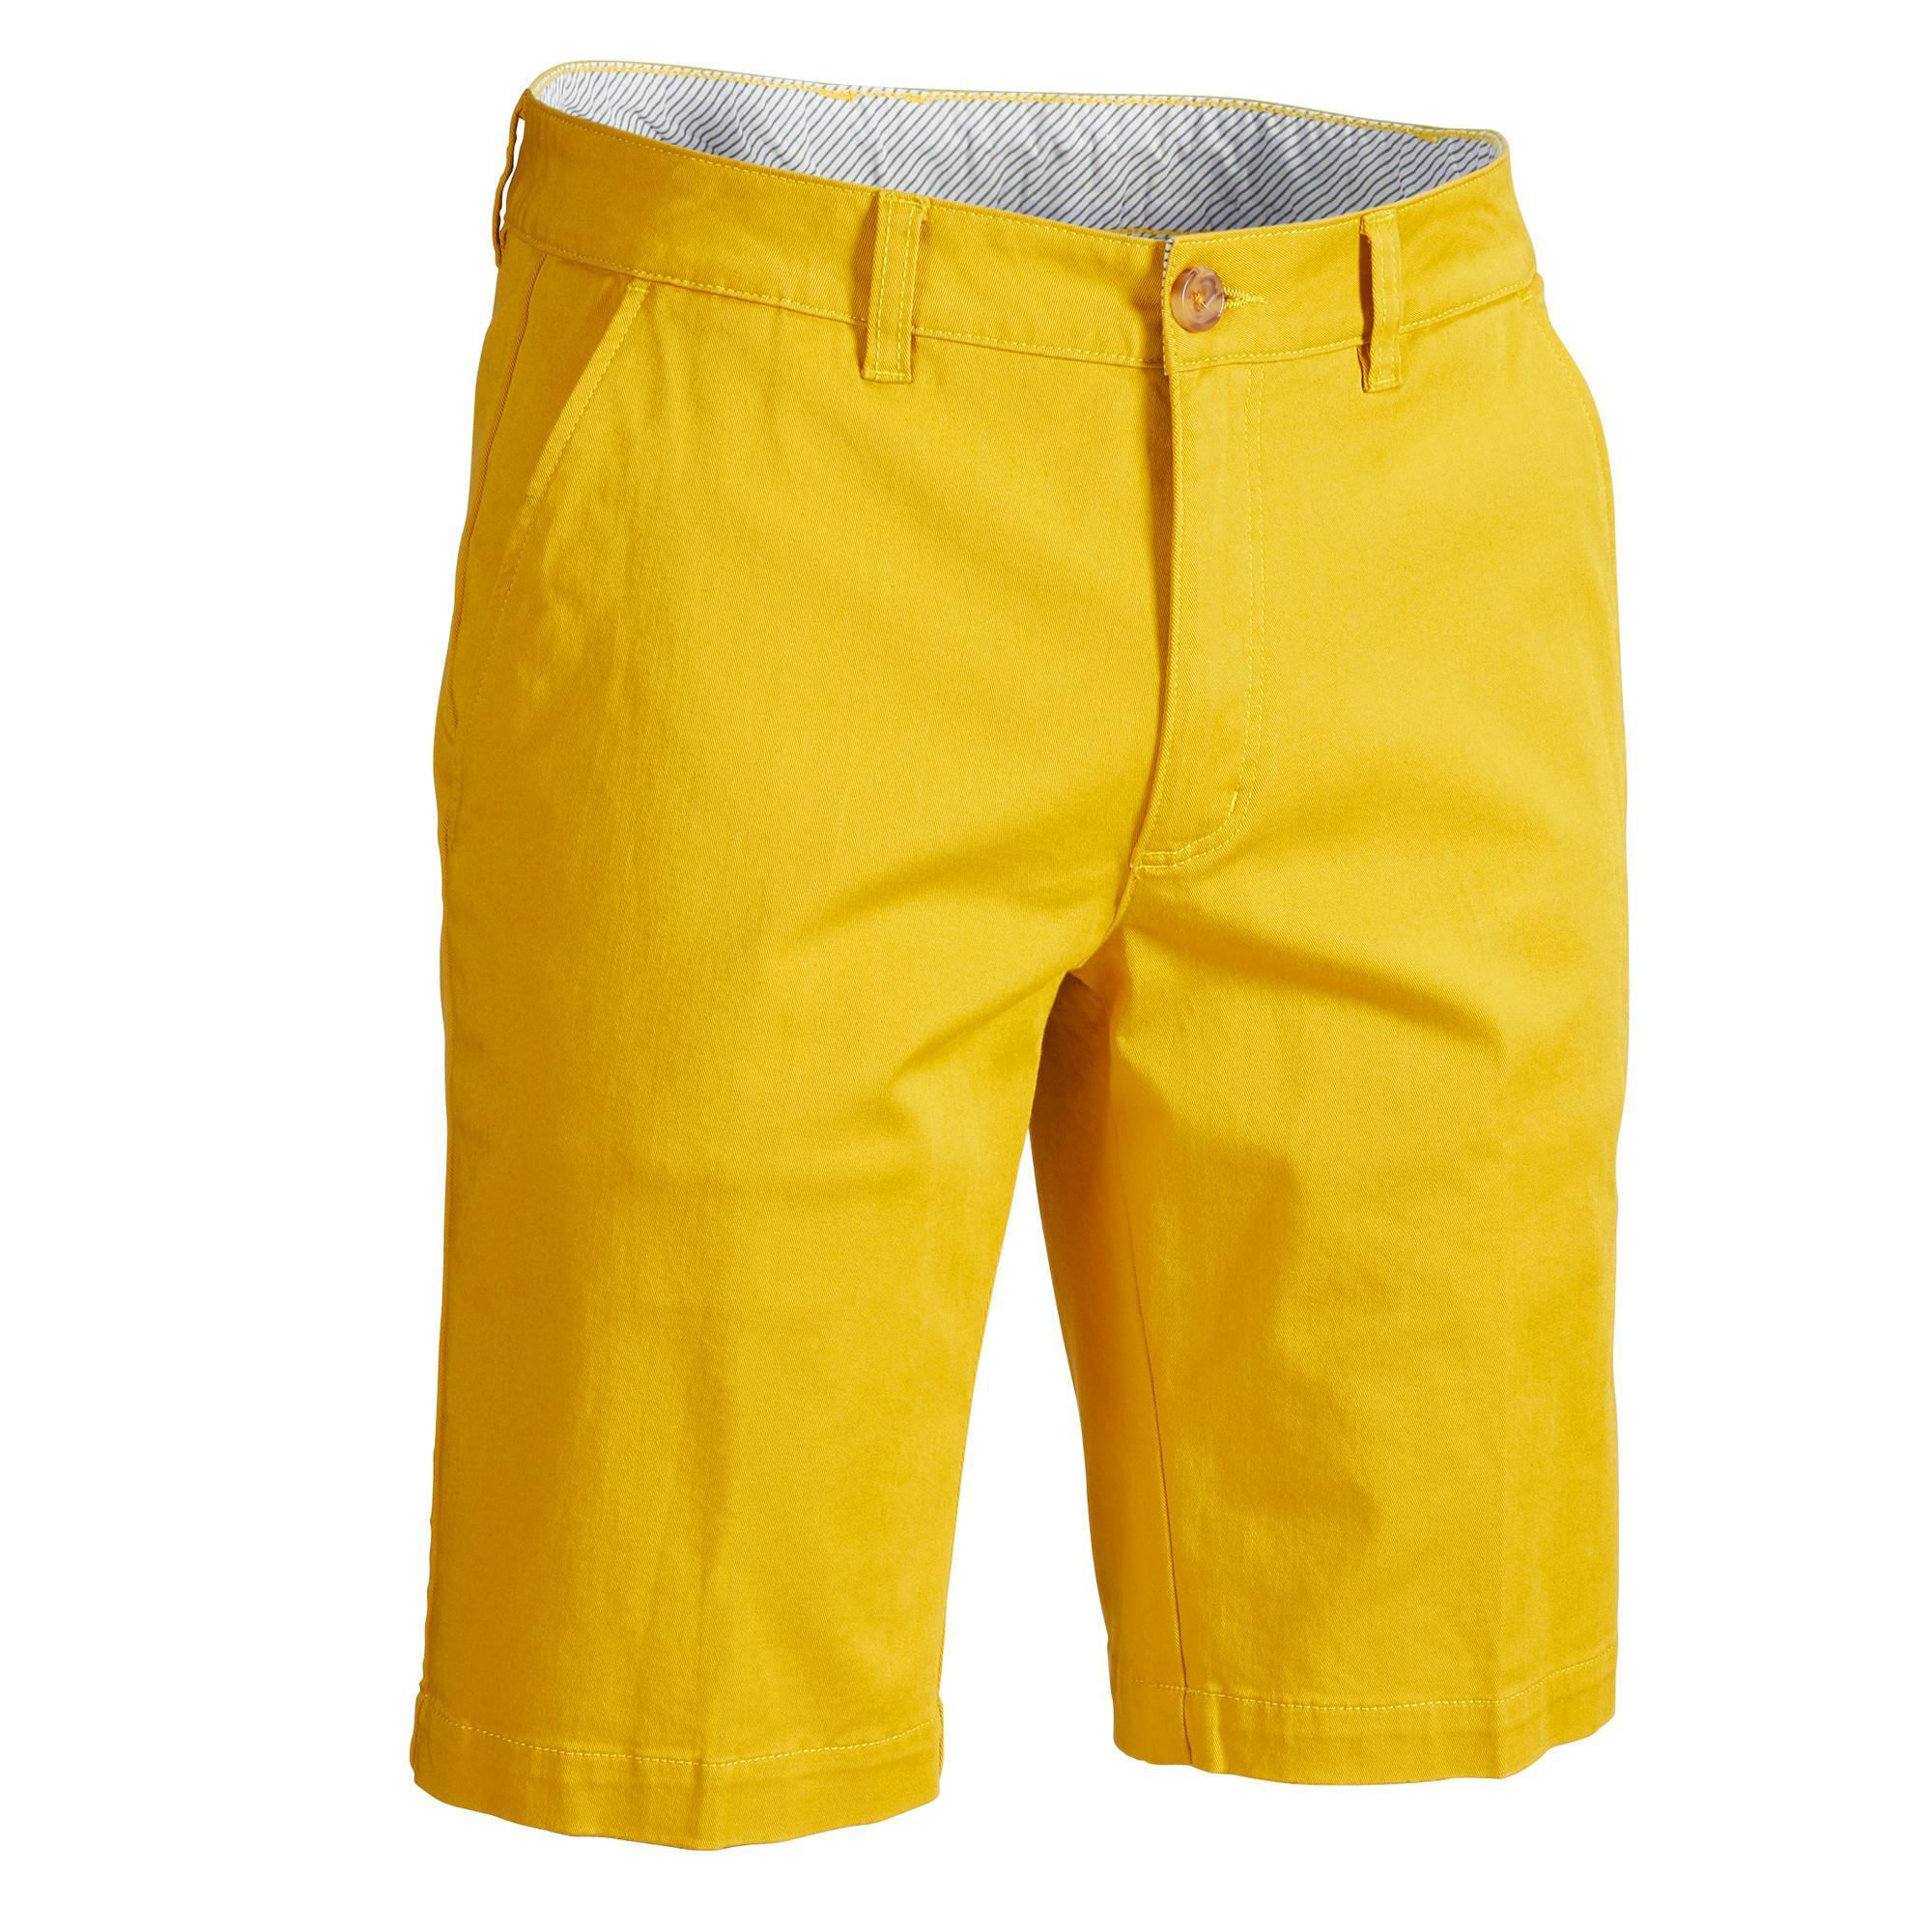 Inesis Golfshort voor heren zacht weer geel kopen